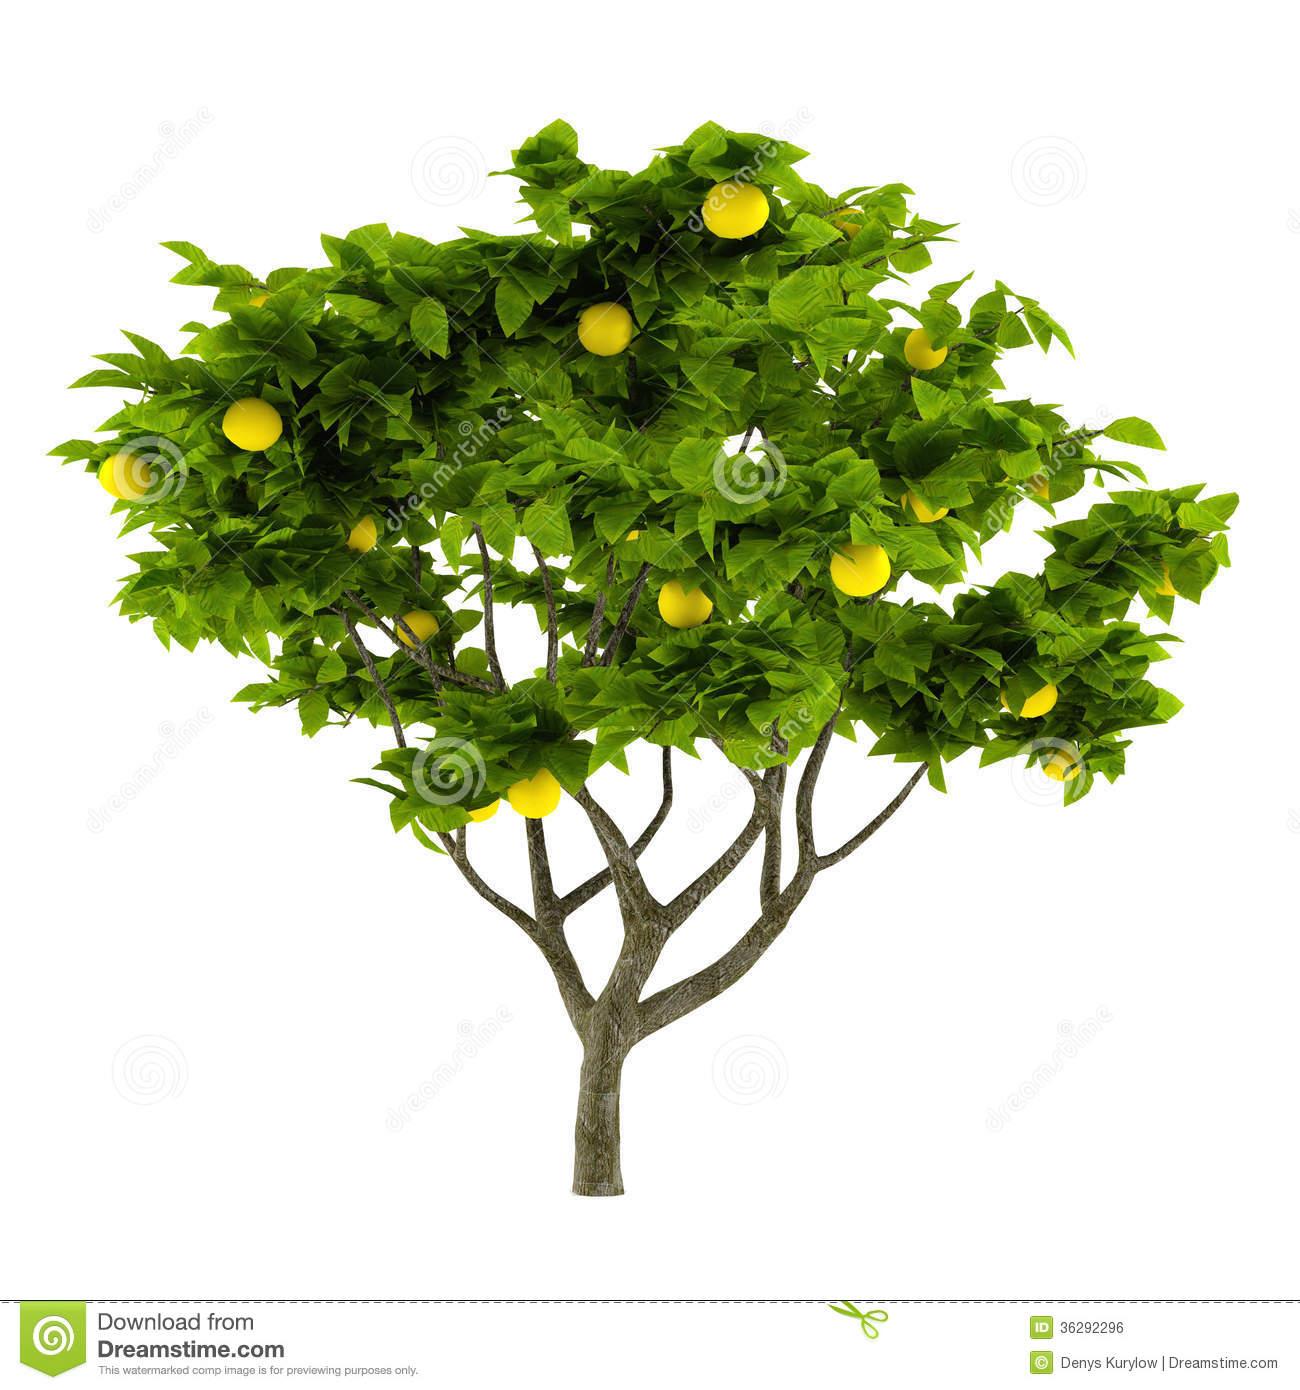 Lemon tree clipart clipart suggest for Lemon plant images